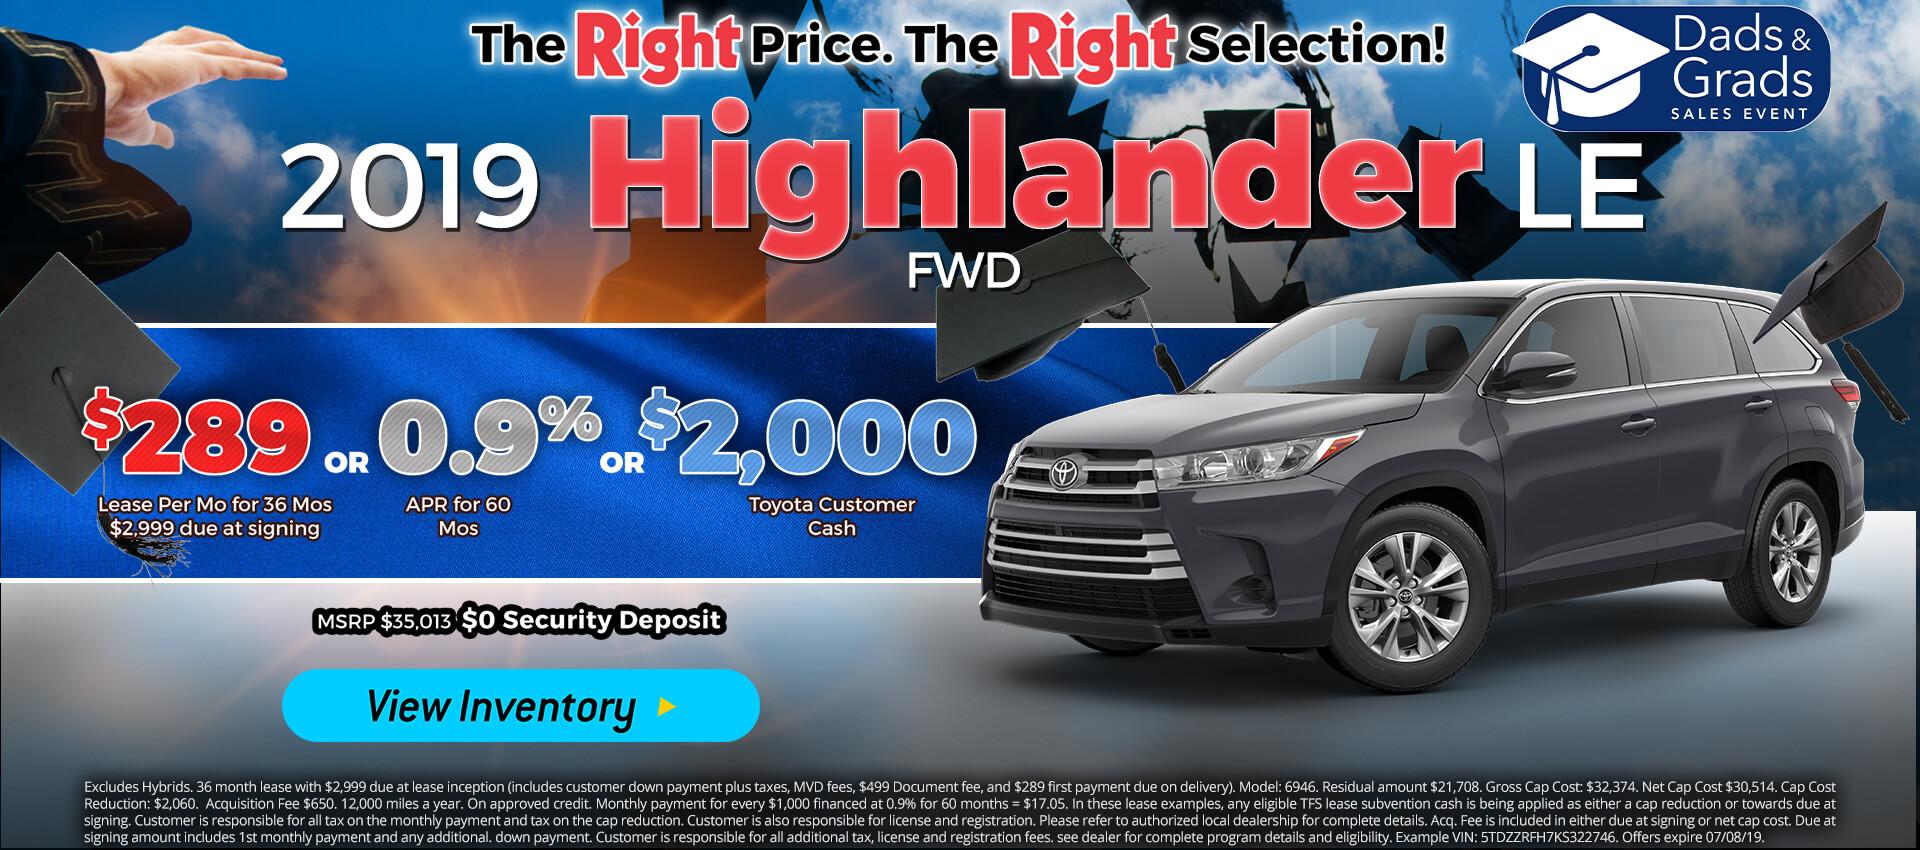 Highlander - Lease for $289